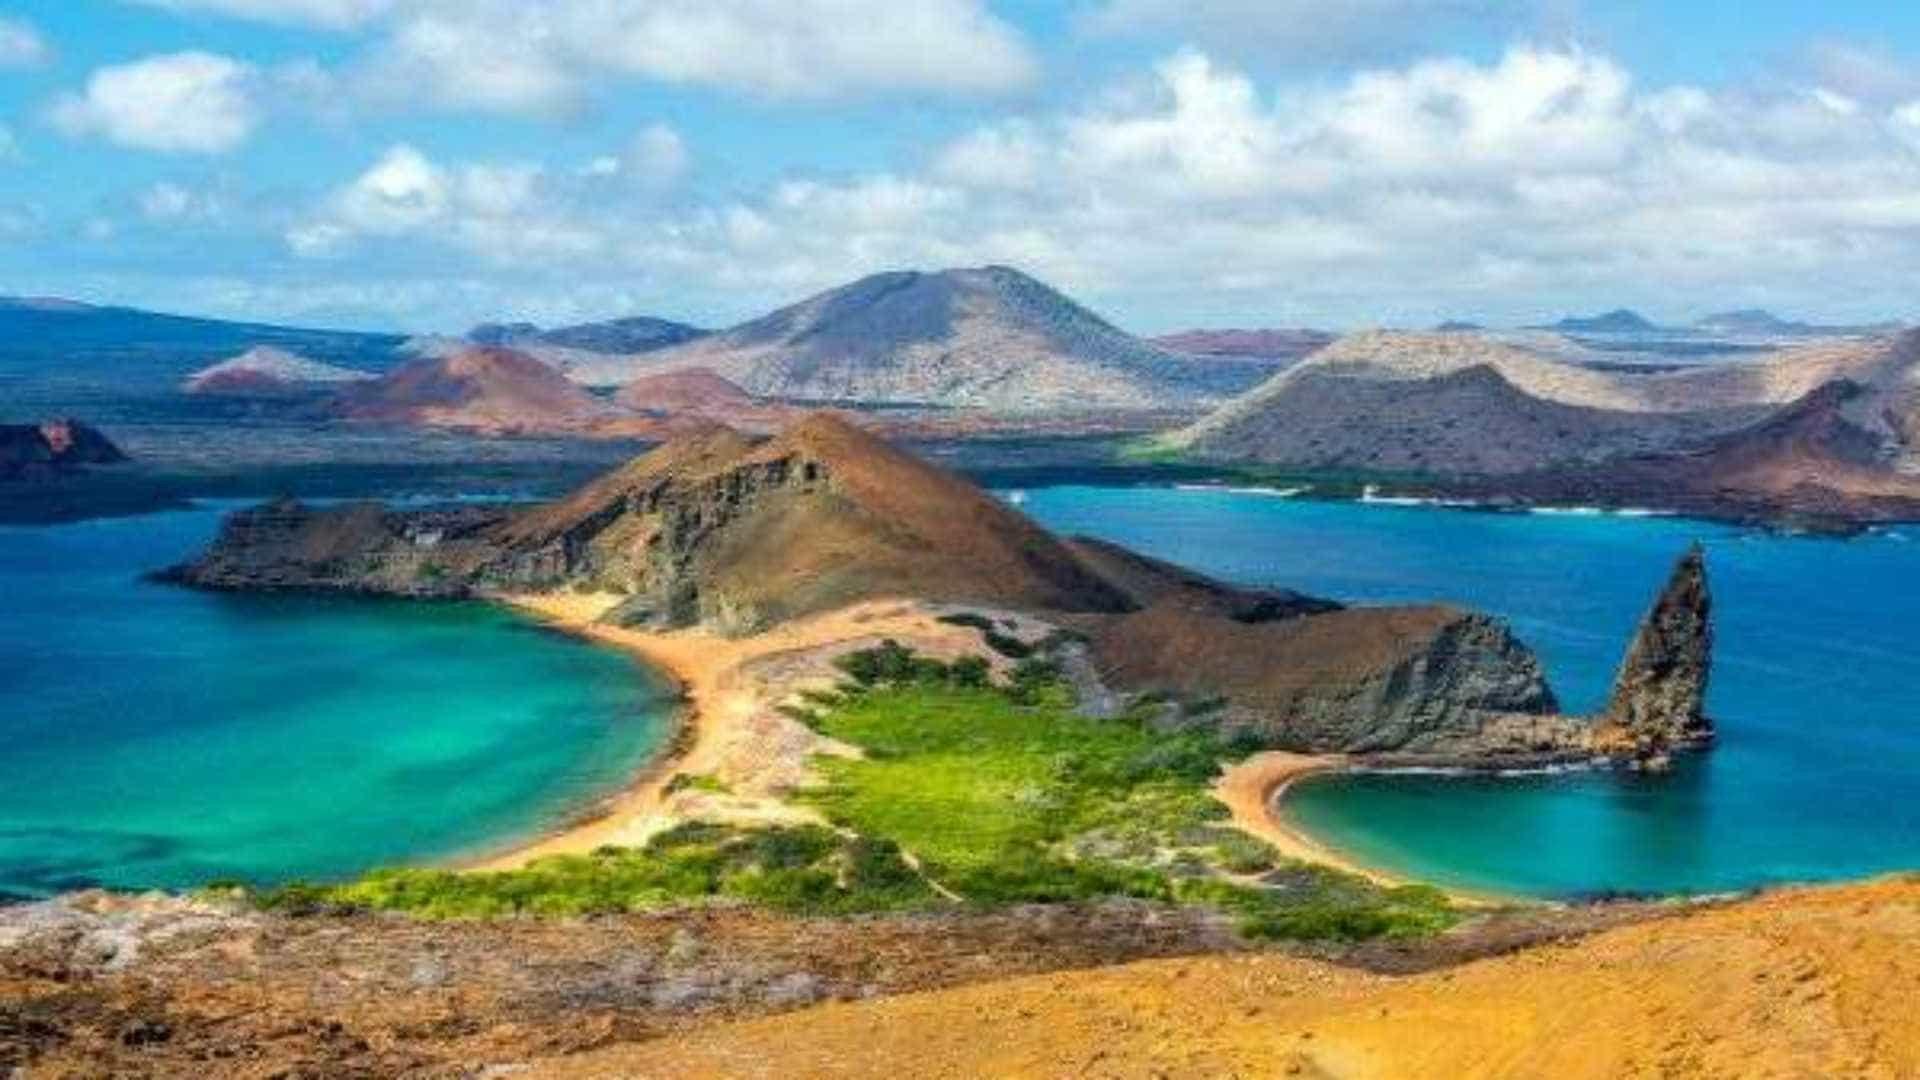 Galápagos: a fauna exuberante do arquipélago eternizado por Darwin